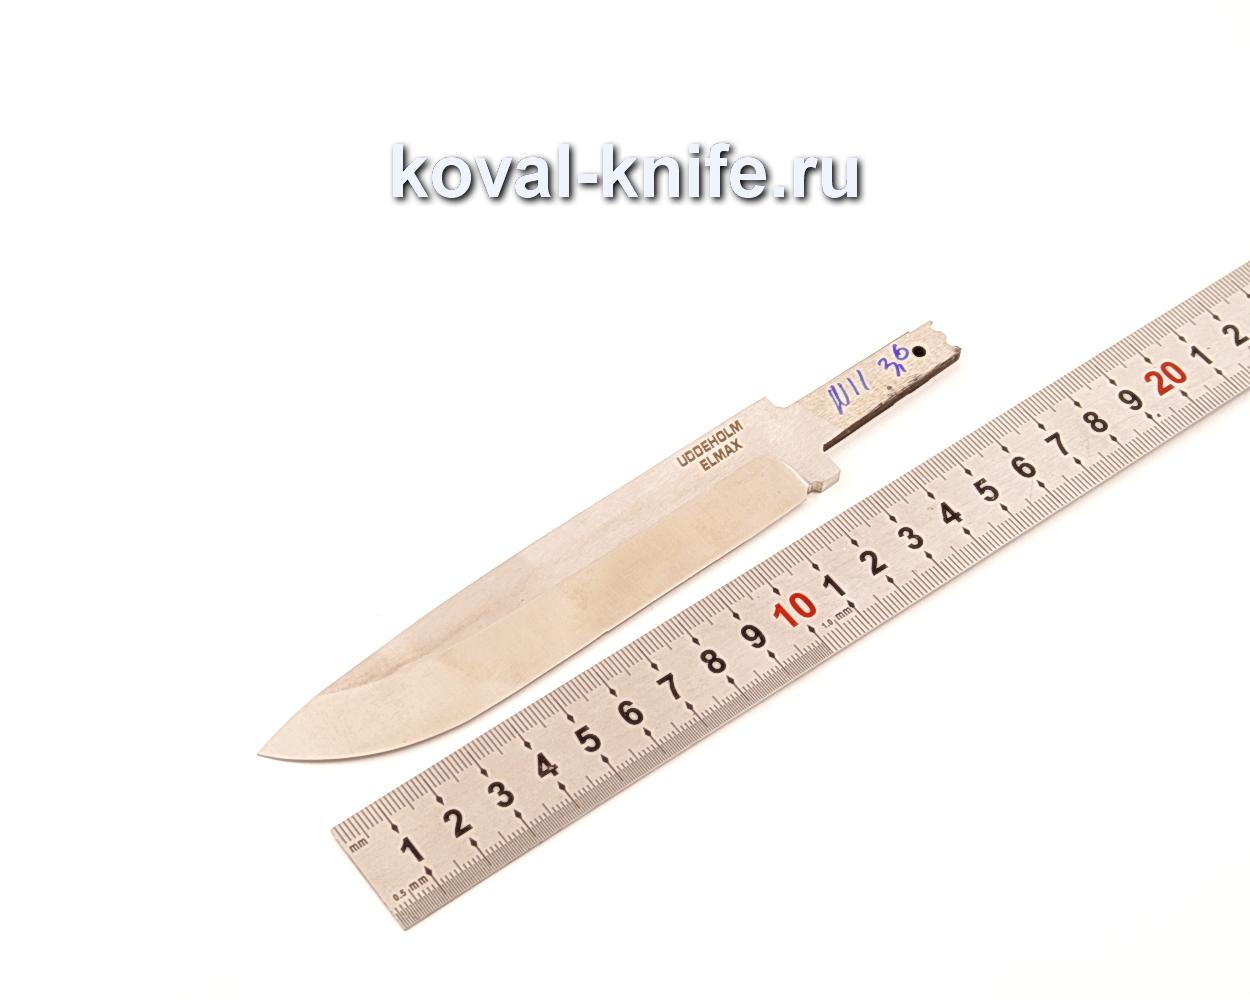 Клинок для ножа из порошковой стали Elmax N11